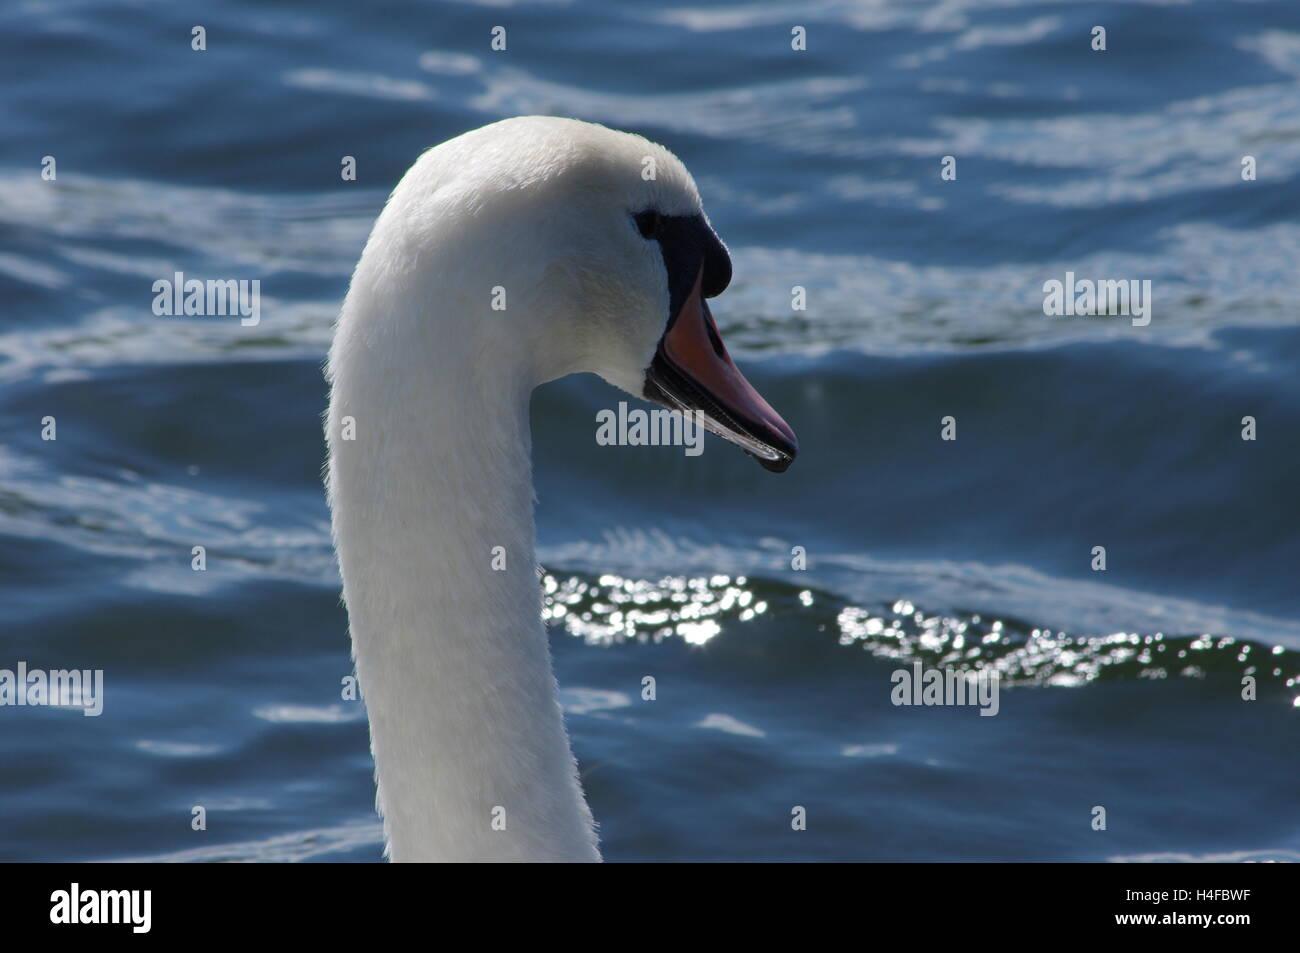 Gros plan de la tête d'un cygne sur fond bleu profond de l'eau pris en plein soleil. Photo Stock